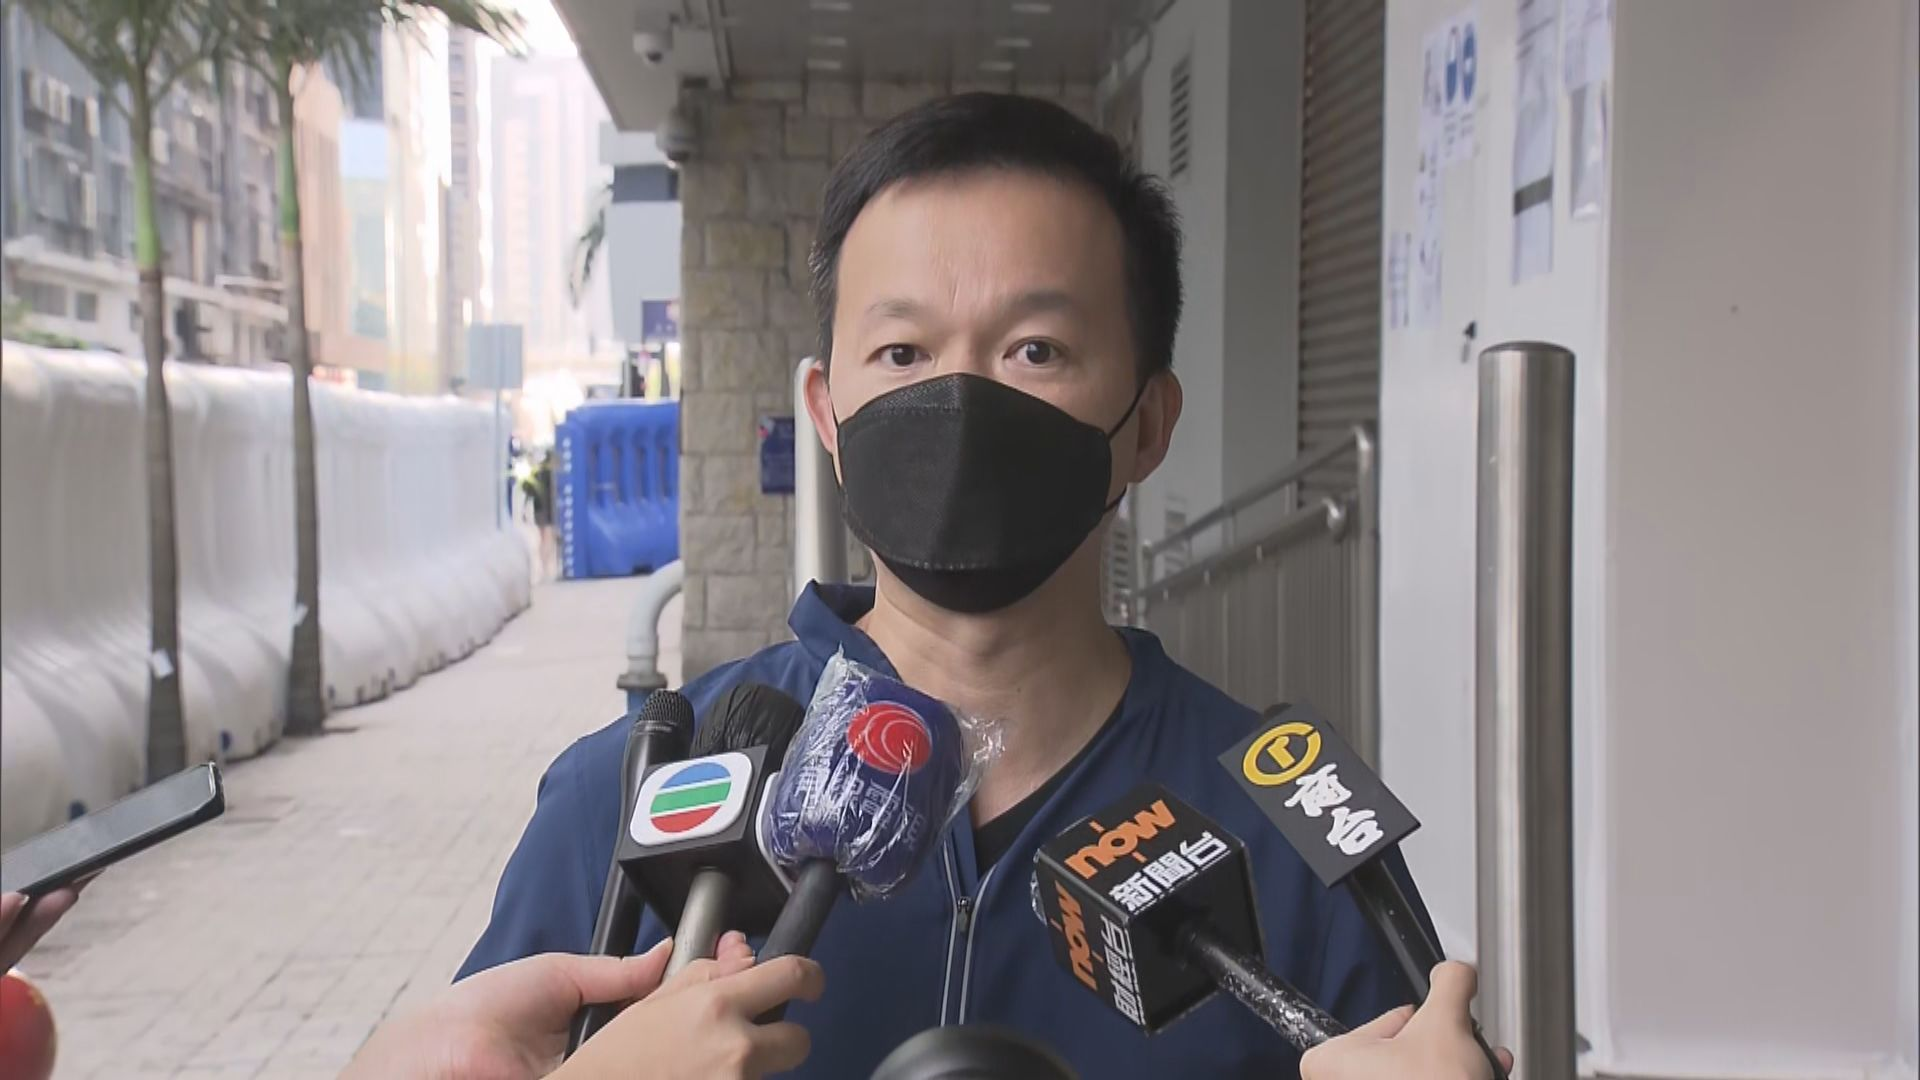 陳志全稱錄口供期間 警播放李慧琼以權力法警告議員片段